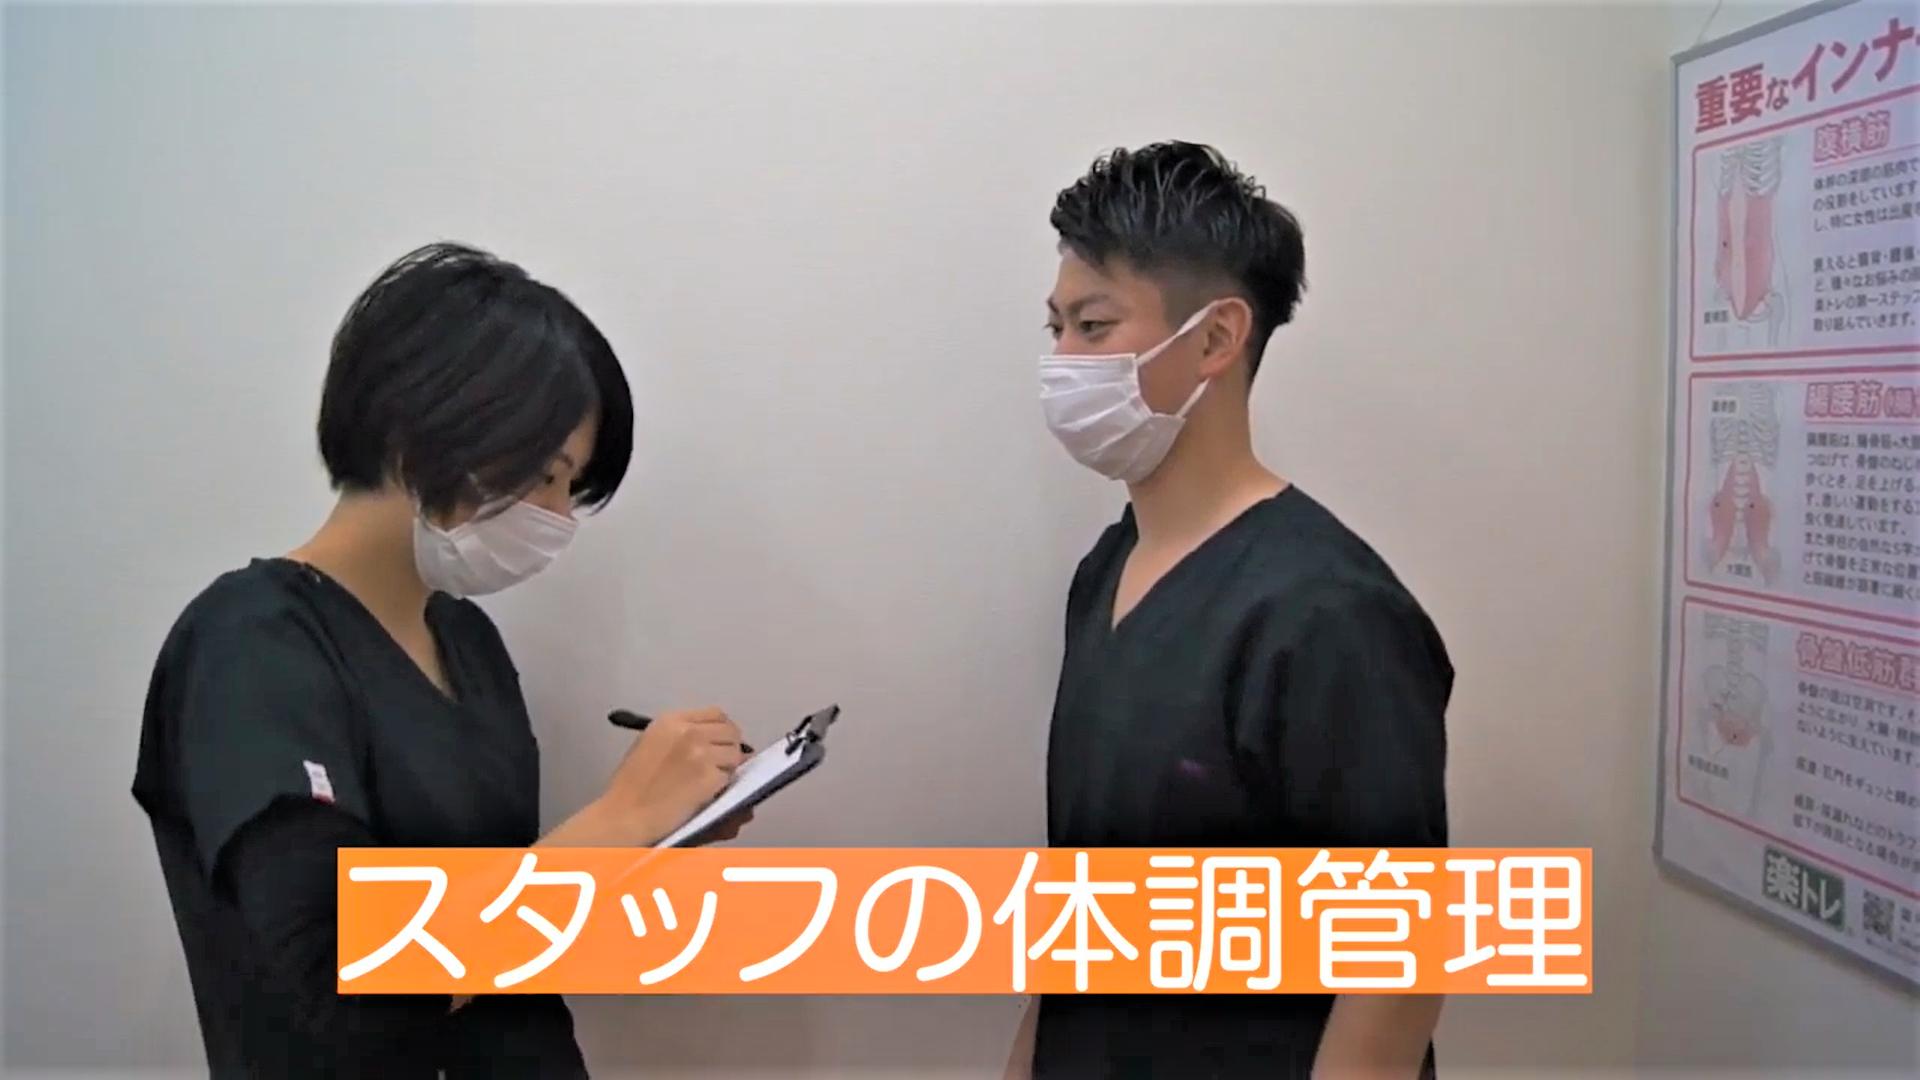 むさし整骨院のスタッフの体調管理の写真